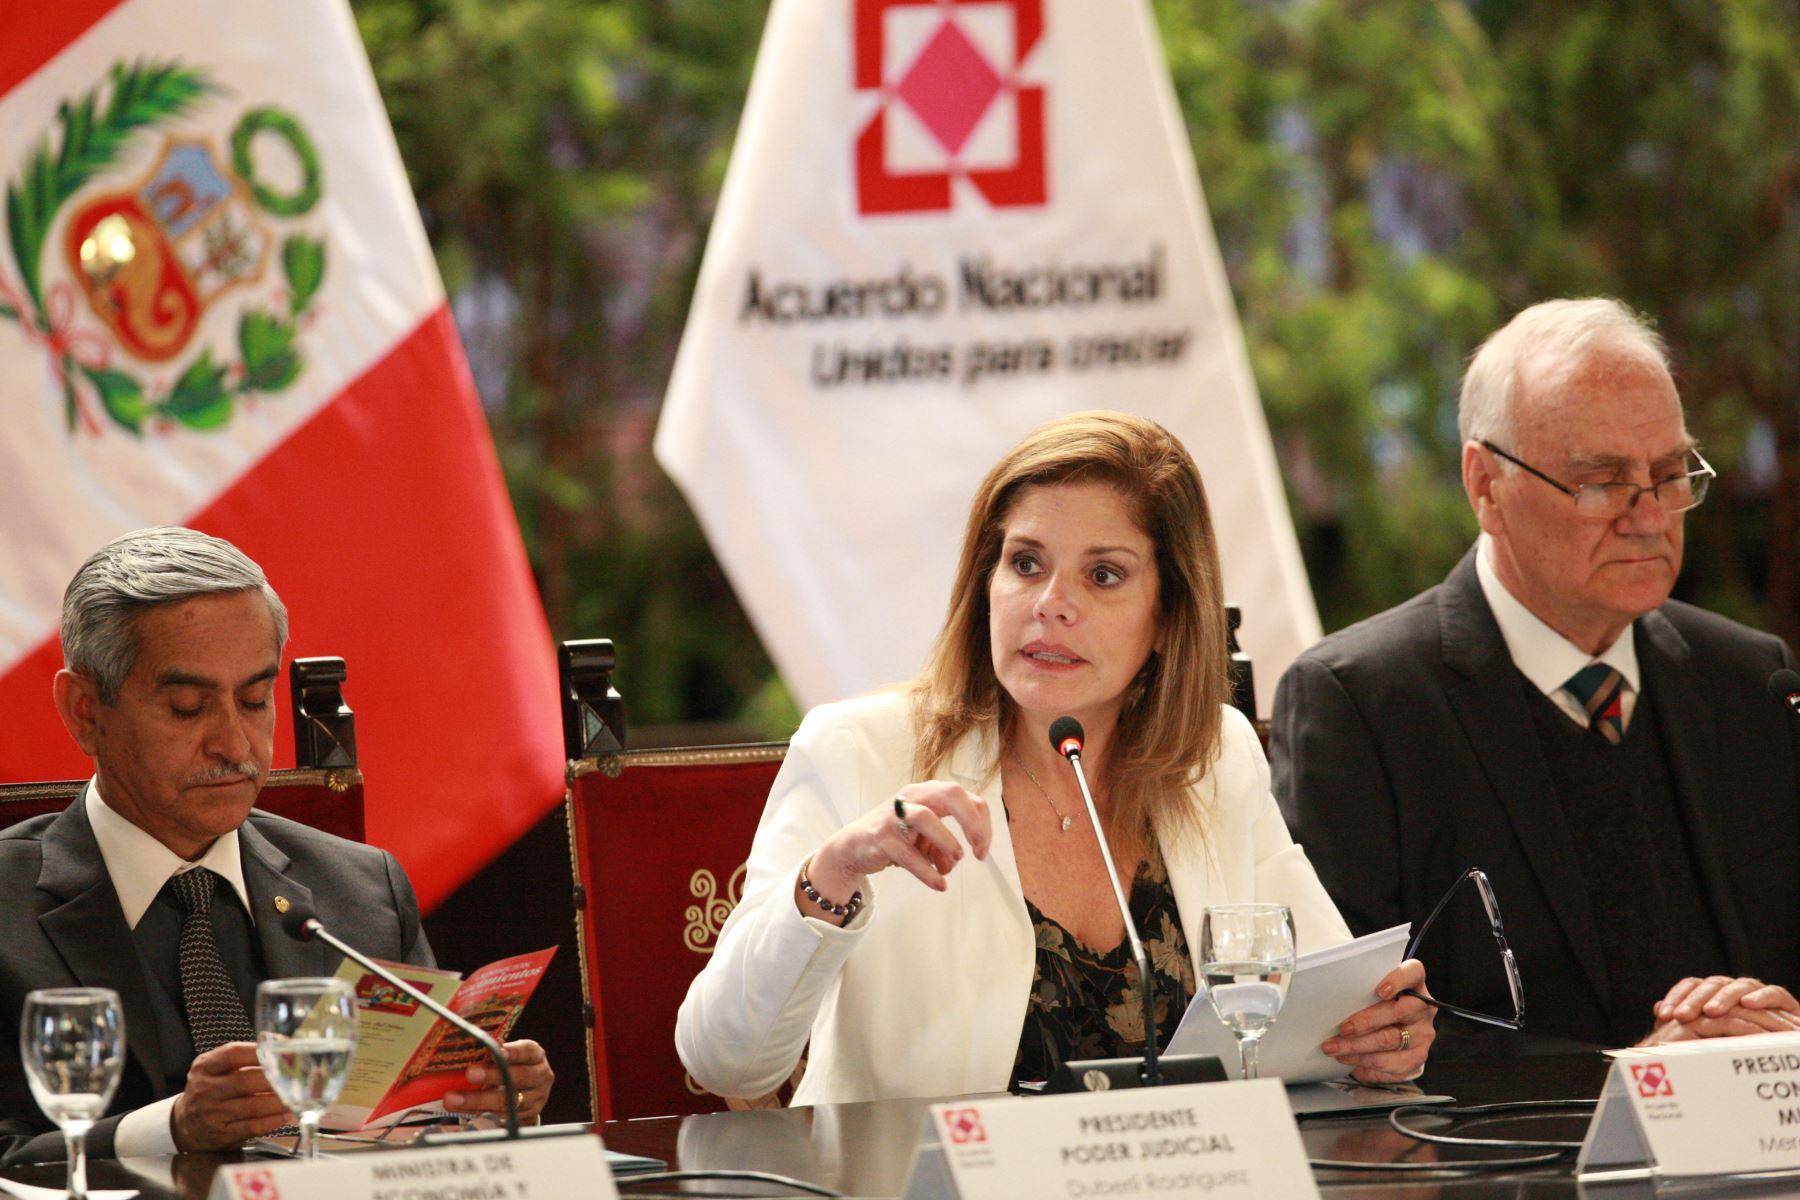 2017. La segunda vicepresidenta de la República, Mercedes Aráoz, se encuentra al frente de la Presidencia del Consejo de Ministros y tiene un rol preponderante en el Ejecutivo.